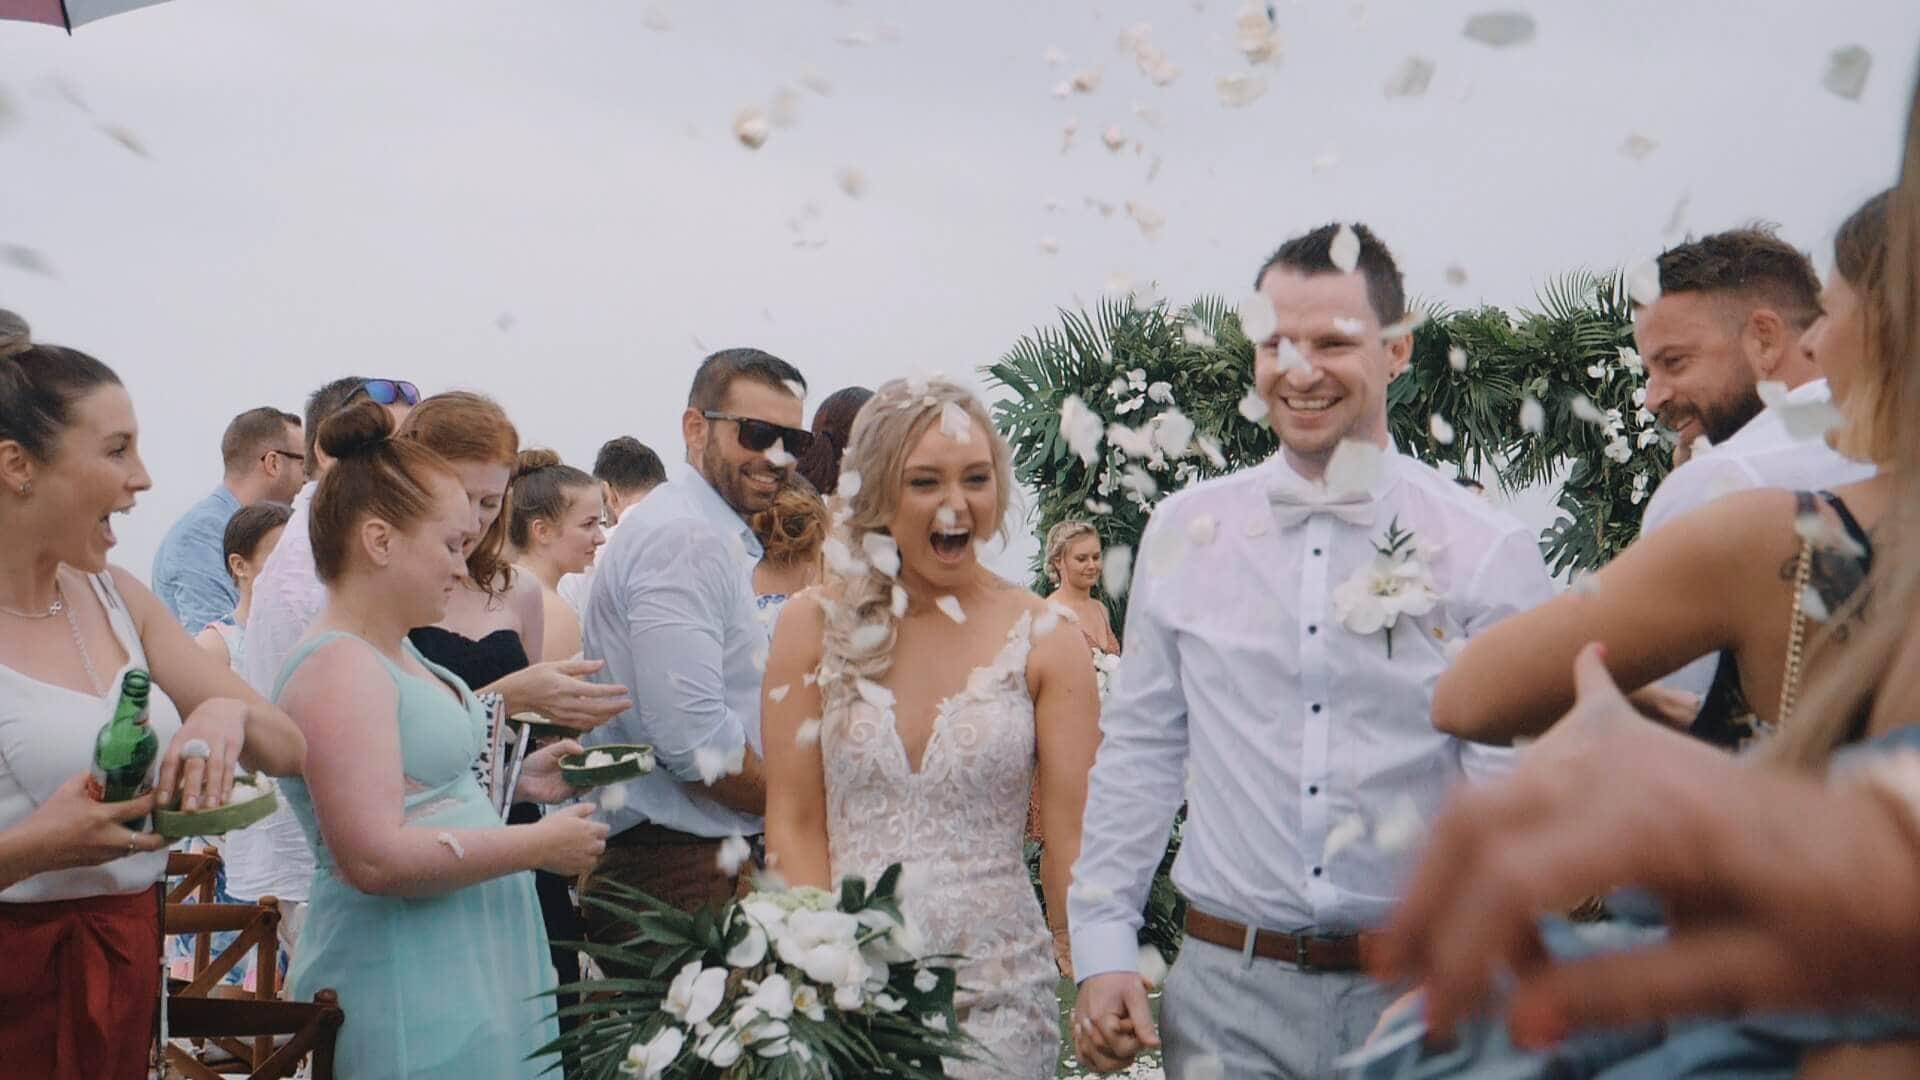 New Kuta Golf Wedding - Mell & Rush New Kuta Golf Wedding 10